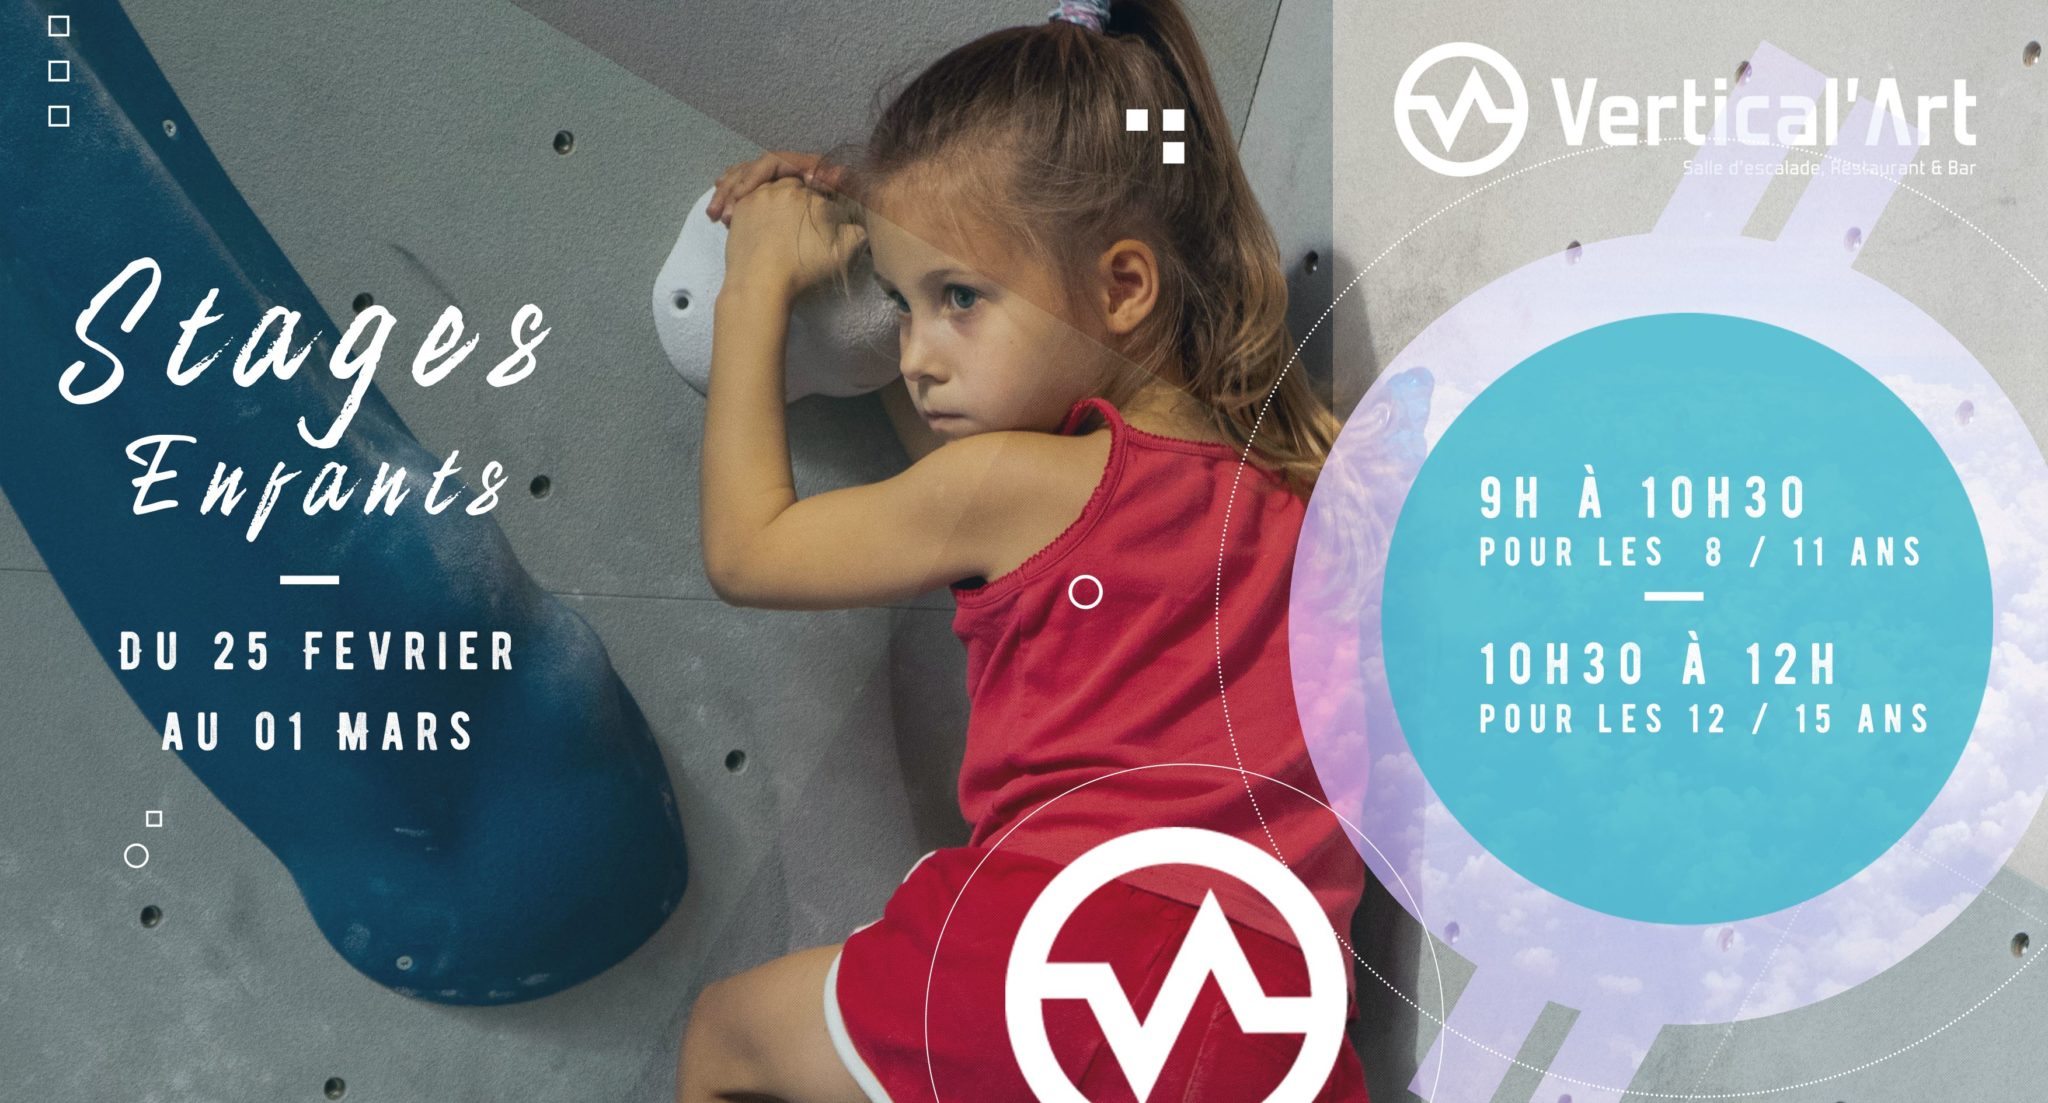 stage enfants et adolescents à Vertical'Art rungis - vacances - stage d'escalade de bloc